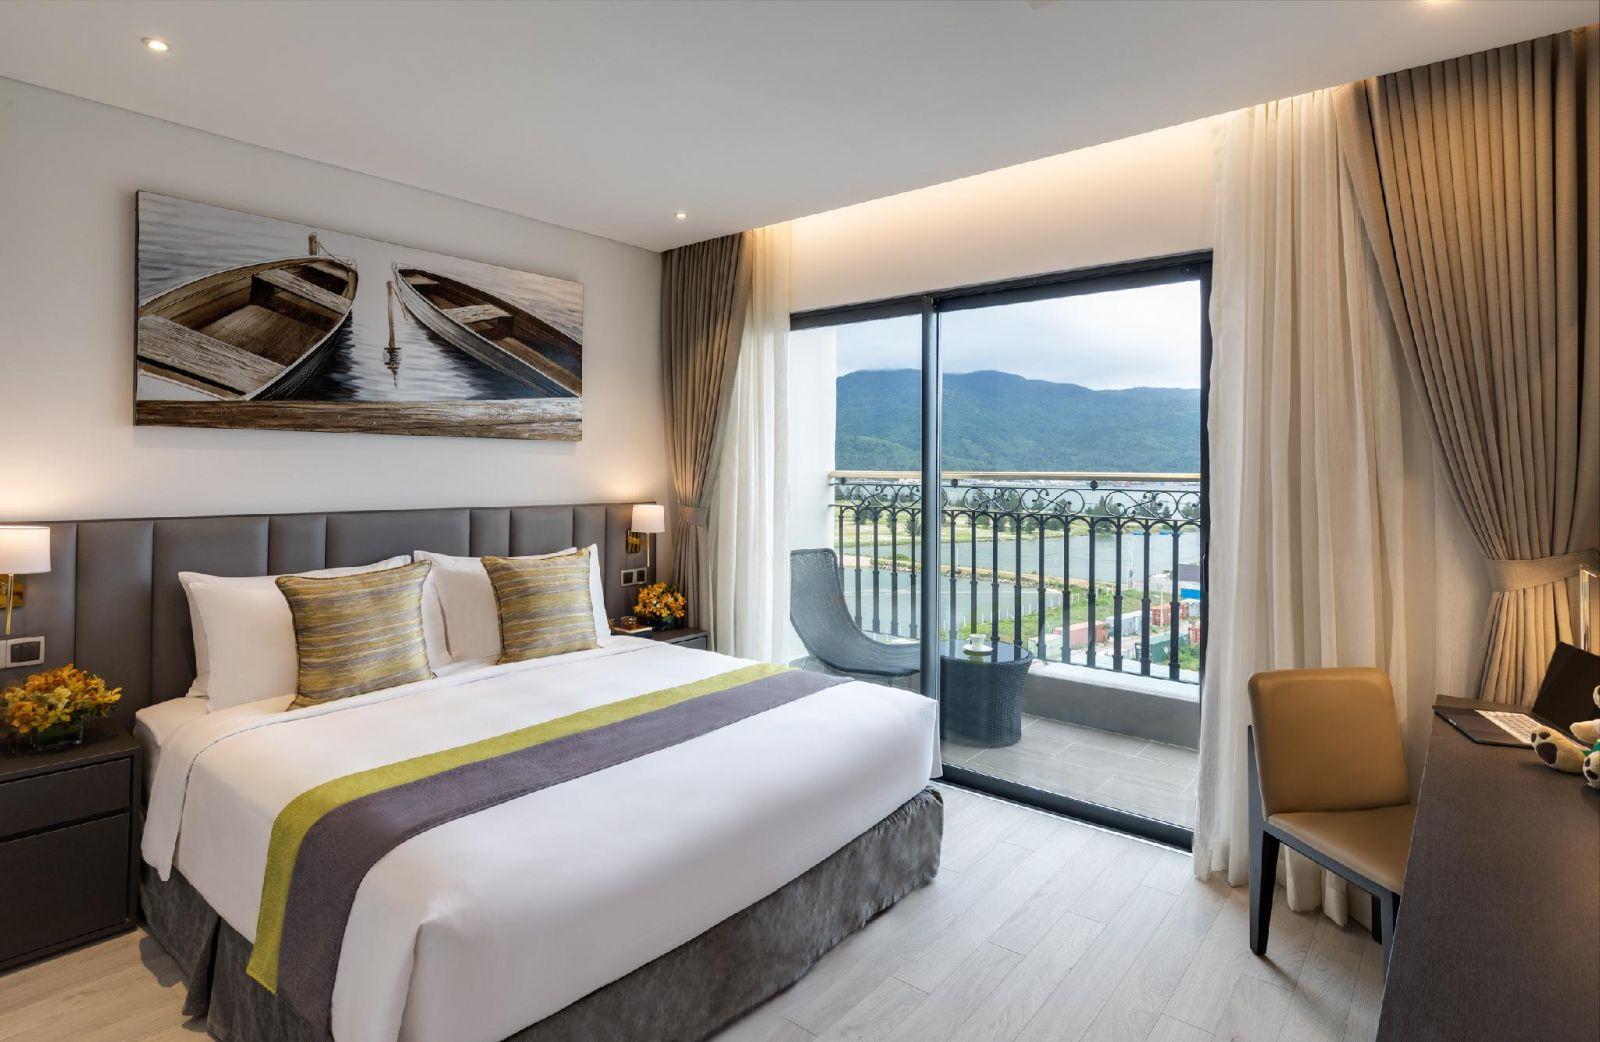 Phòng ngủ rộng rãi với những trang thiết bị hiện đại